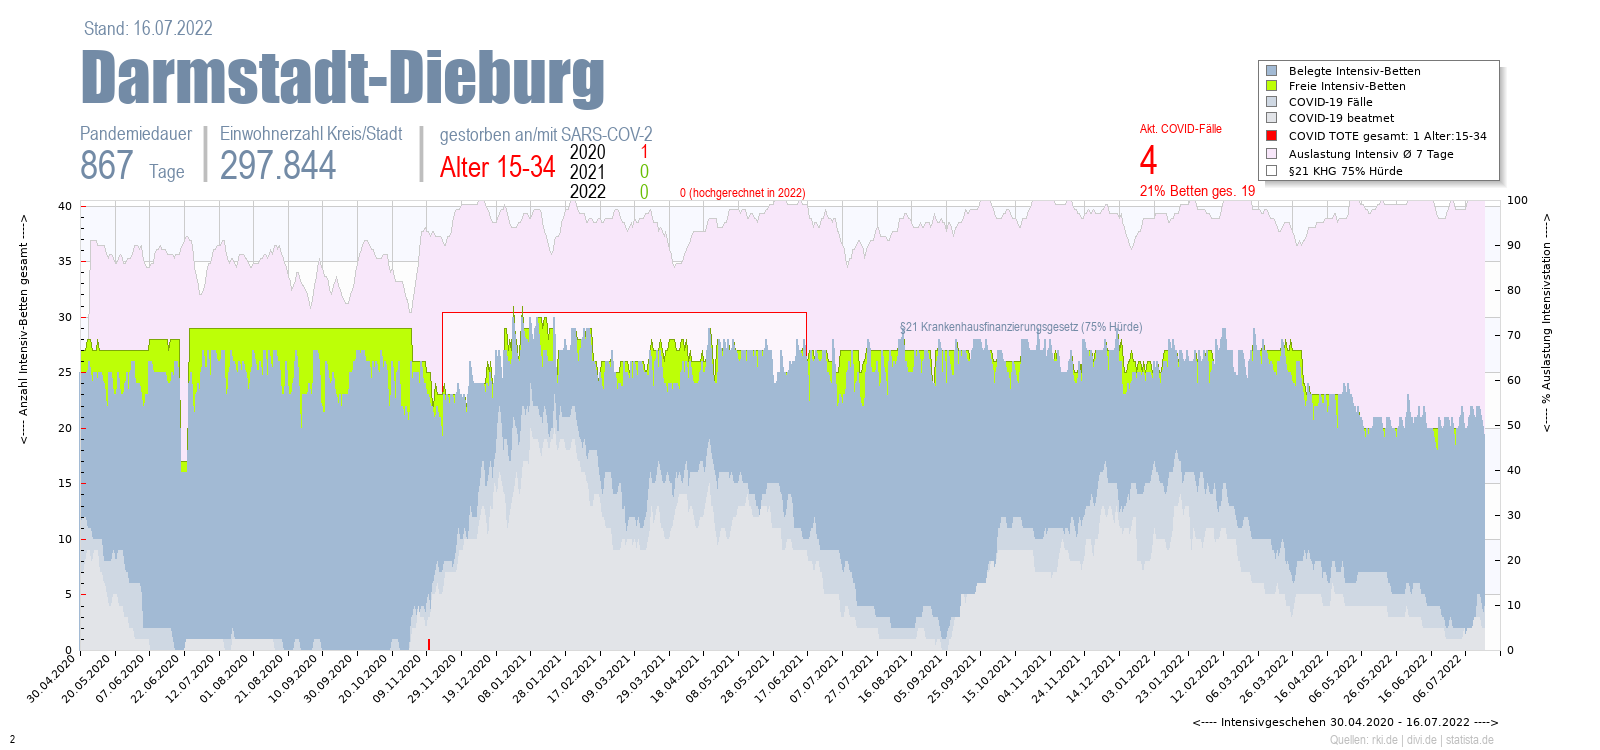 Intensivstation Auslastung Darmstadt-Dieburg Alter 0-4